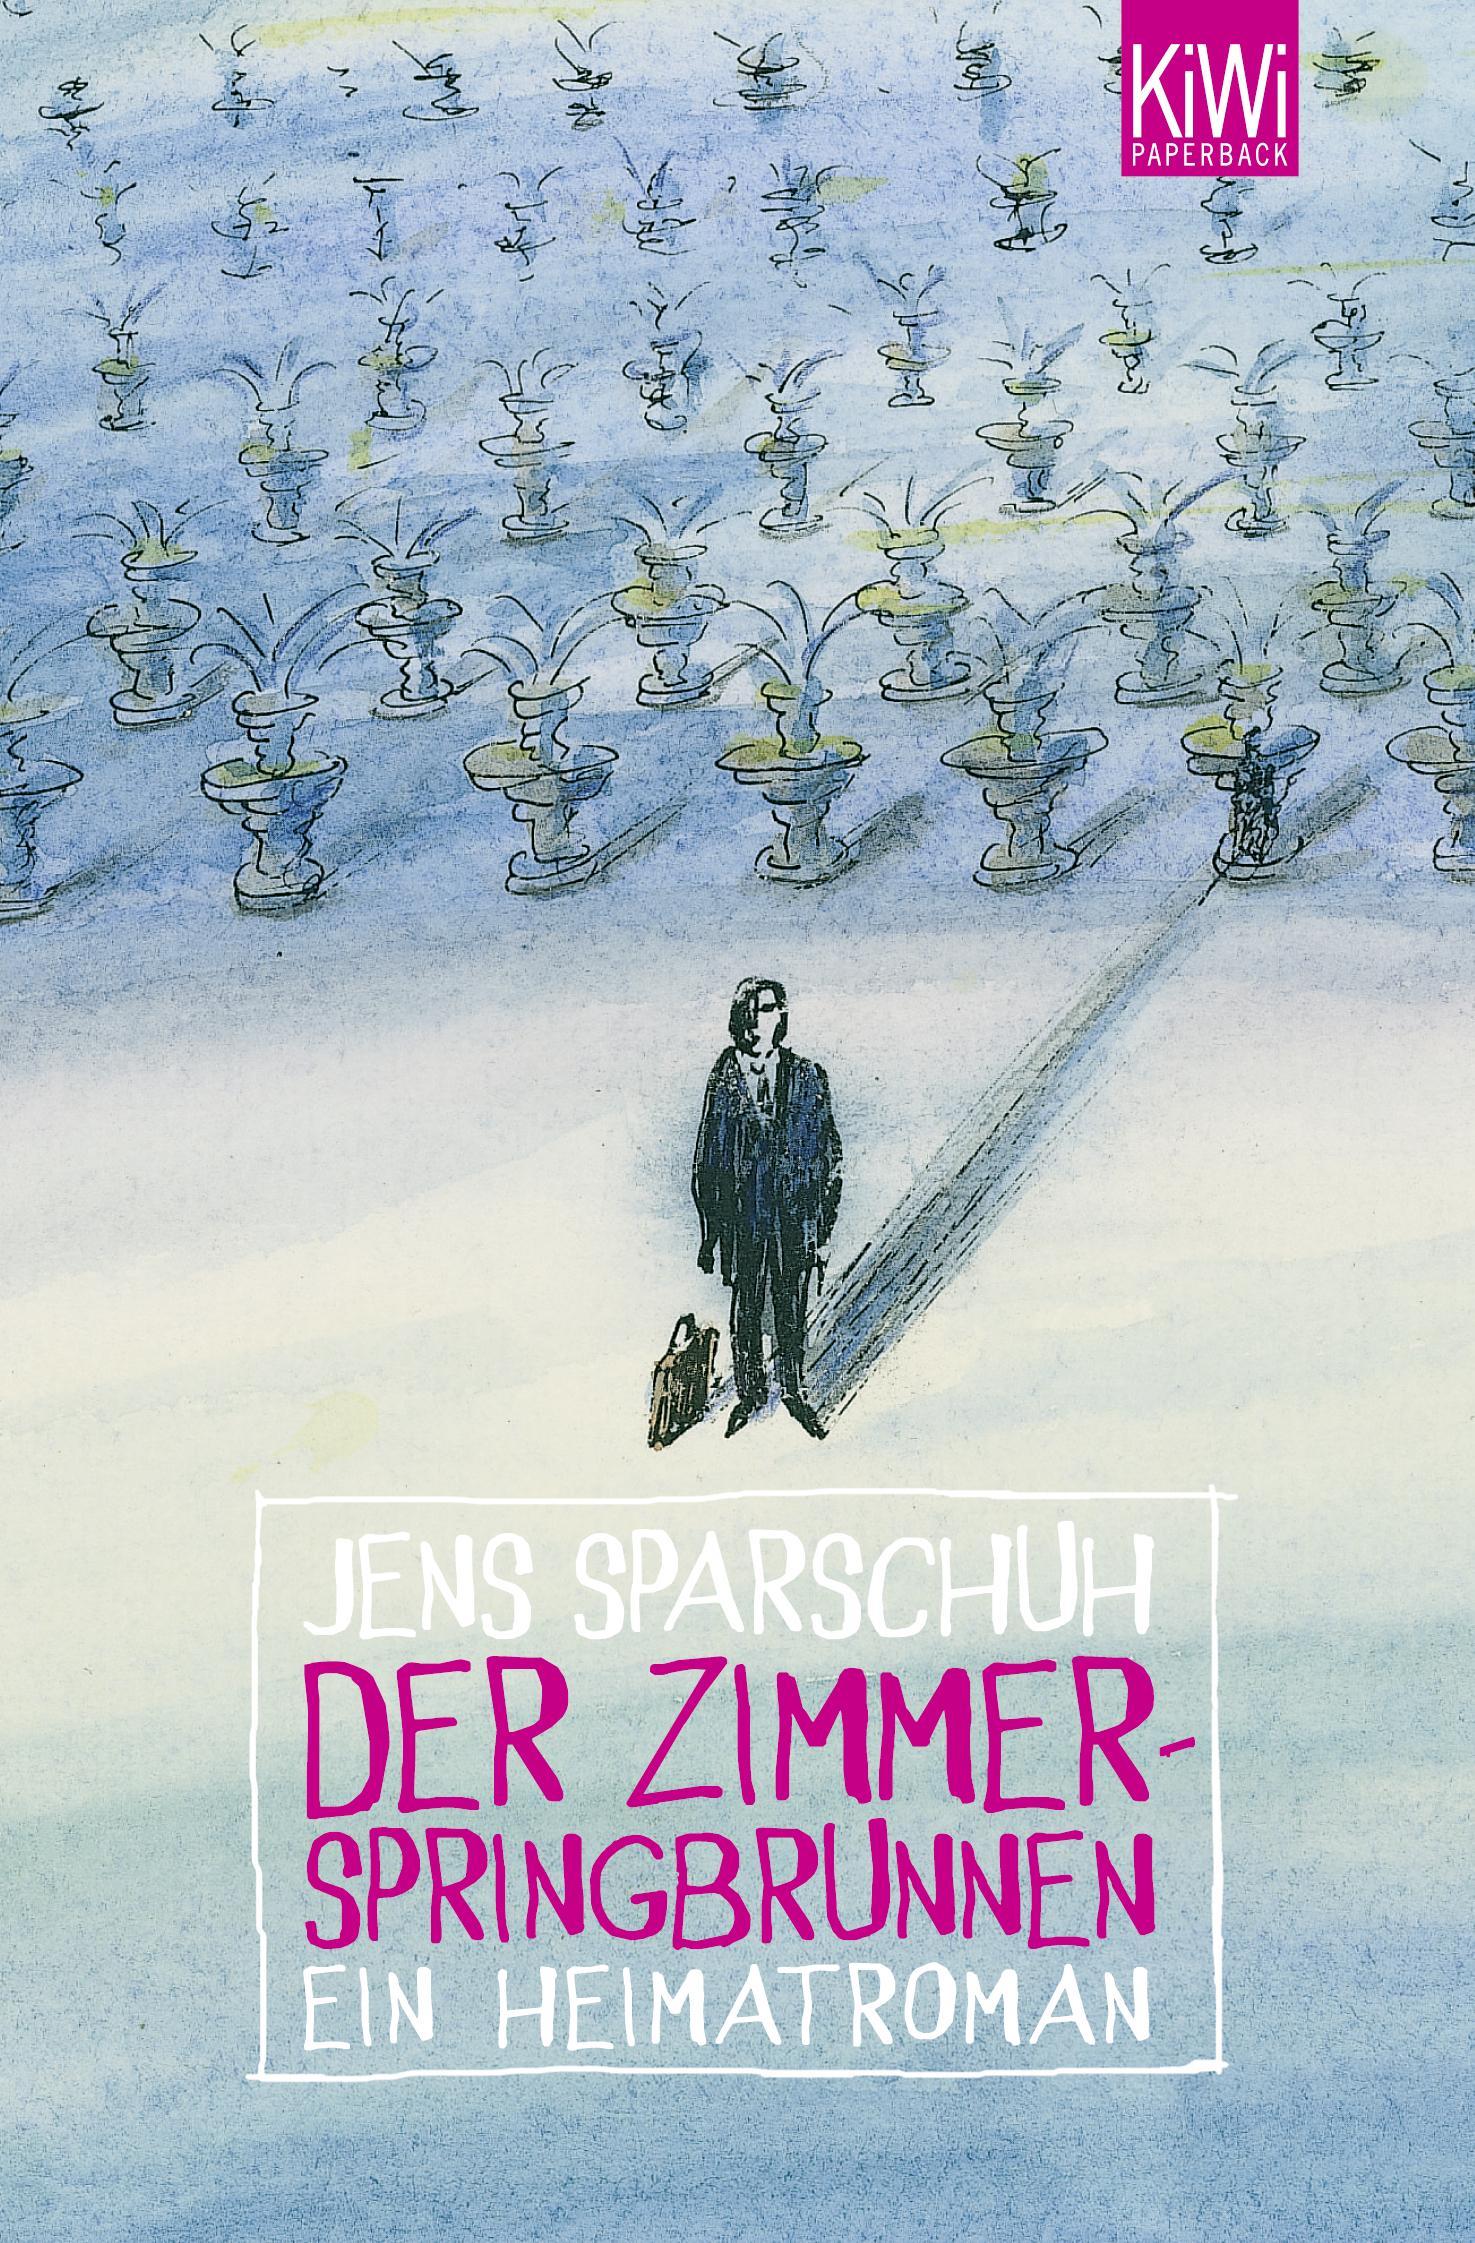 NEU Der Zimmerspringbrunnen Jens Sparschuh 045017